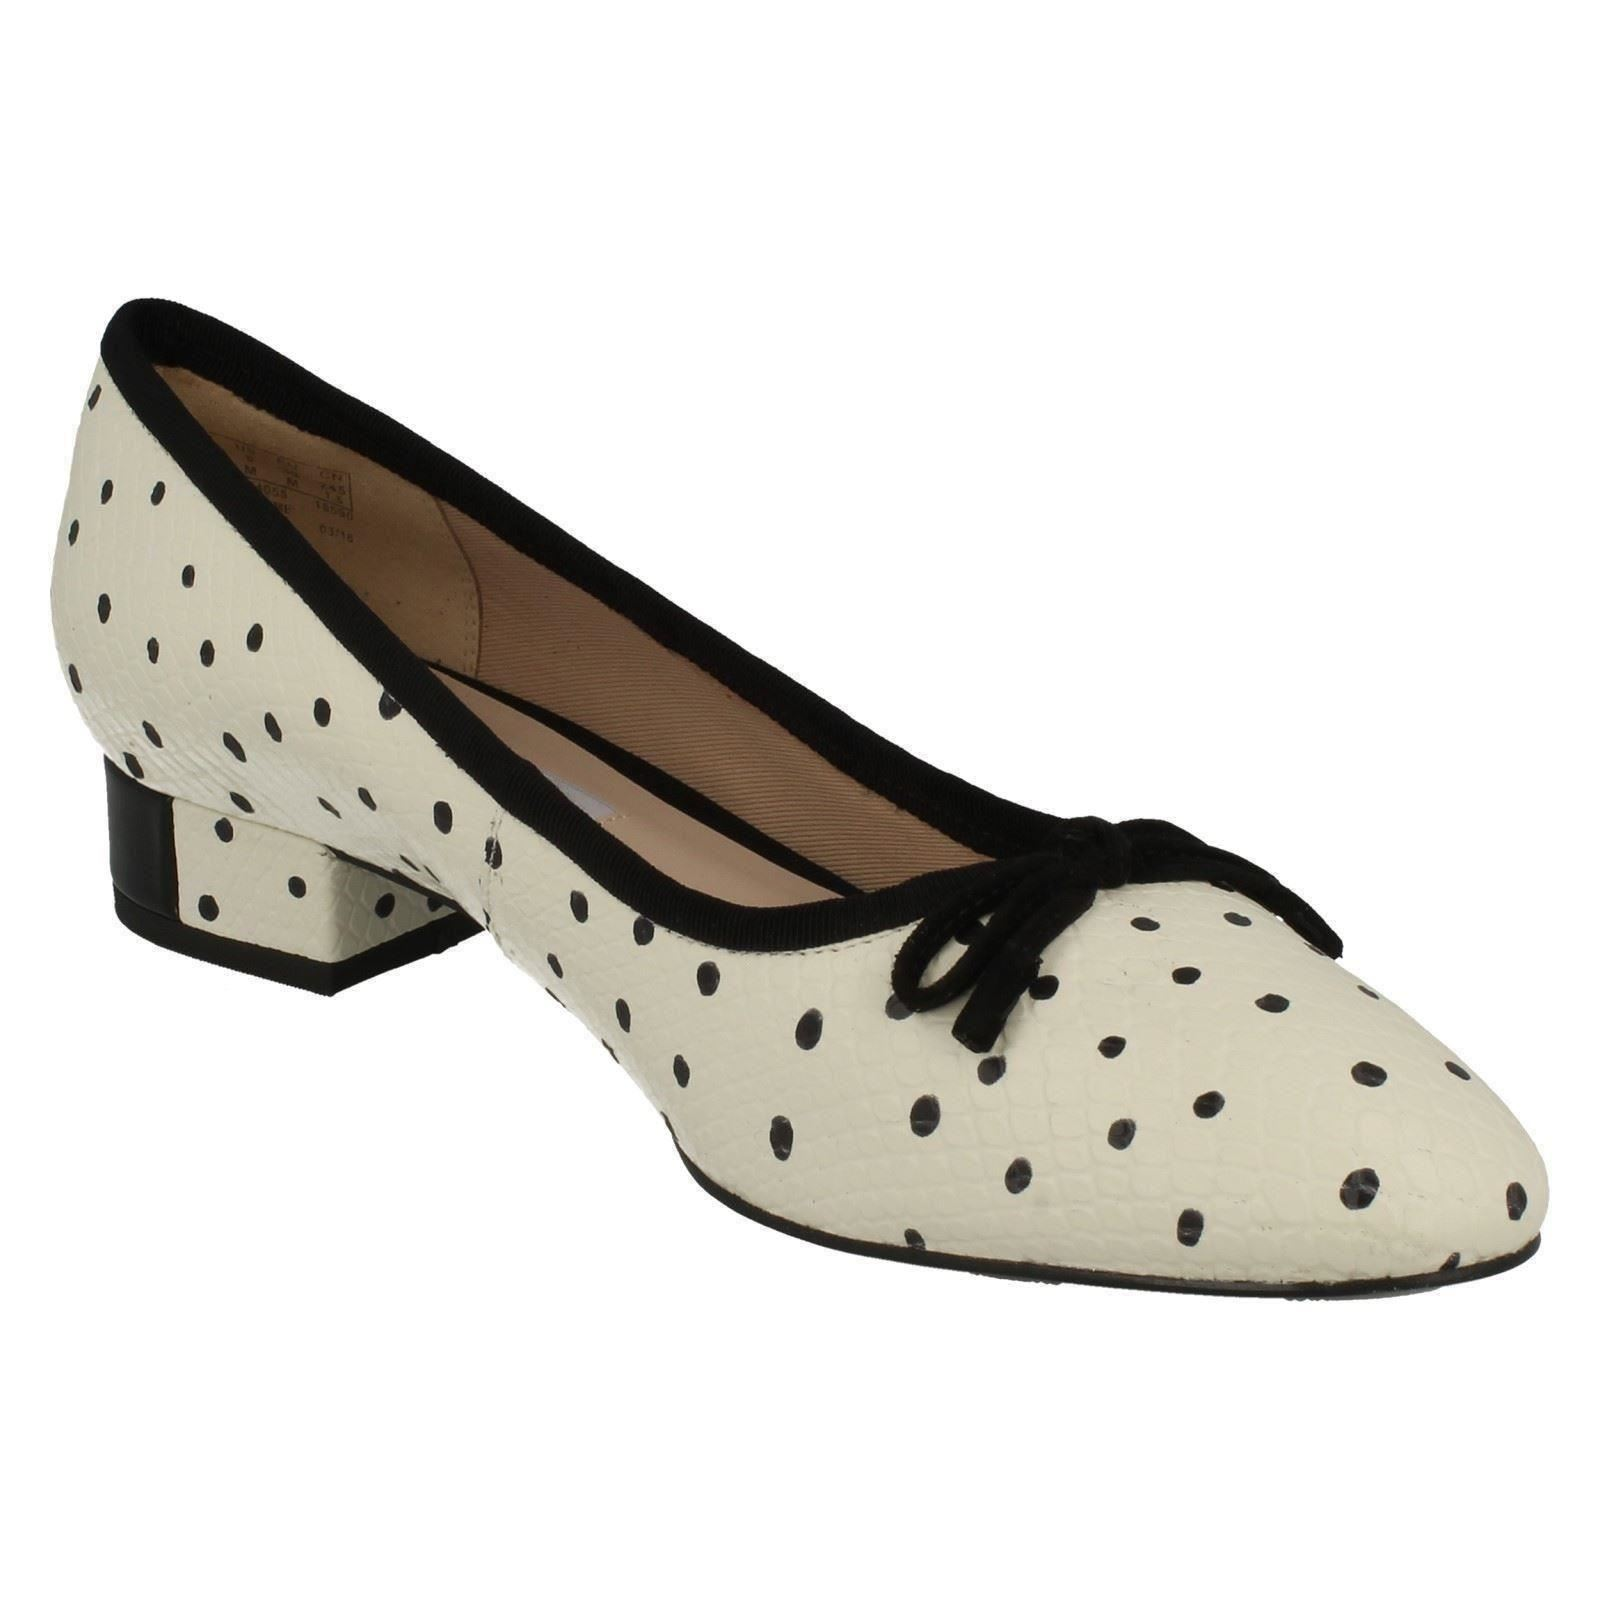 Mujer-Clarks-Tacon-bajo-Elegante-Zapatos-sin-Cierres-039-Eliberry-Isla-039